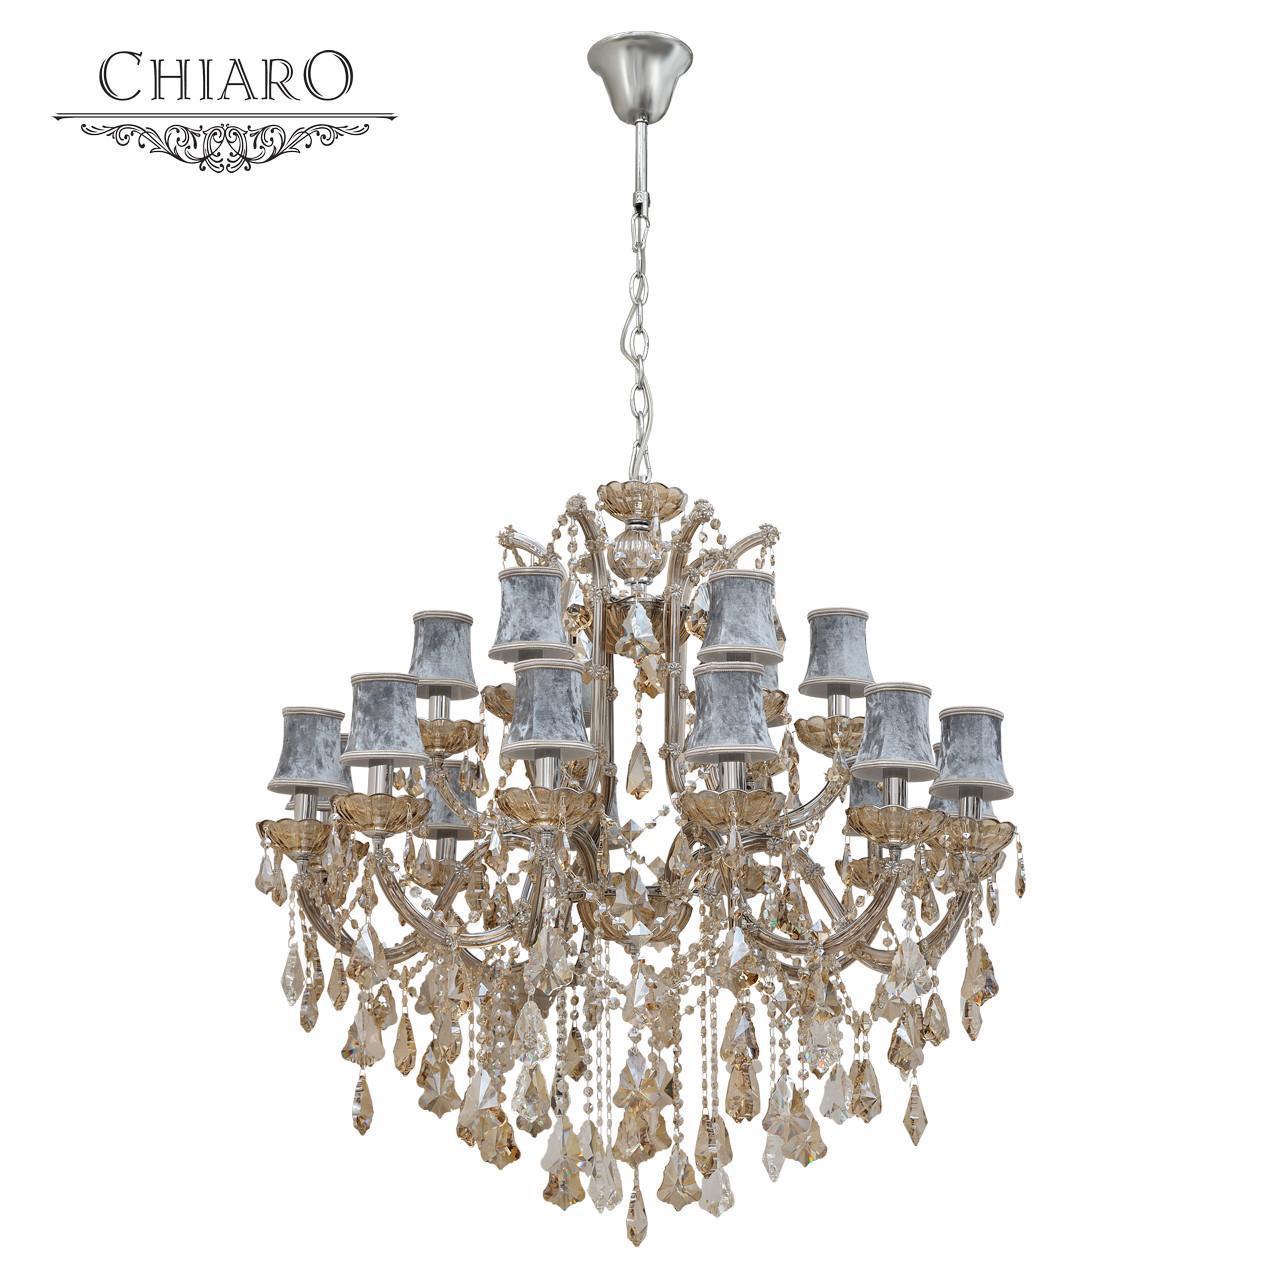 Люстра Chiaro Ивелина 475010318 подвесная бра chiaro 475020402 ивелина